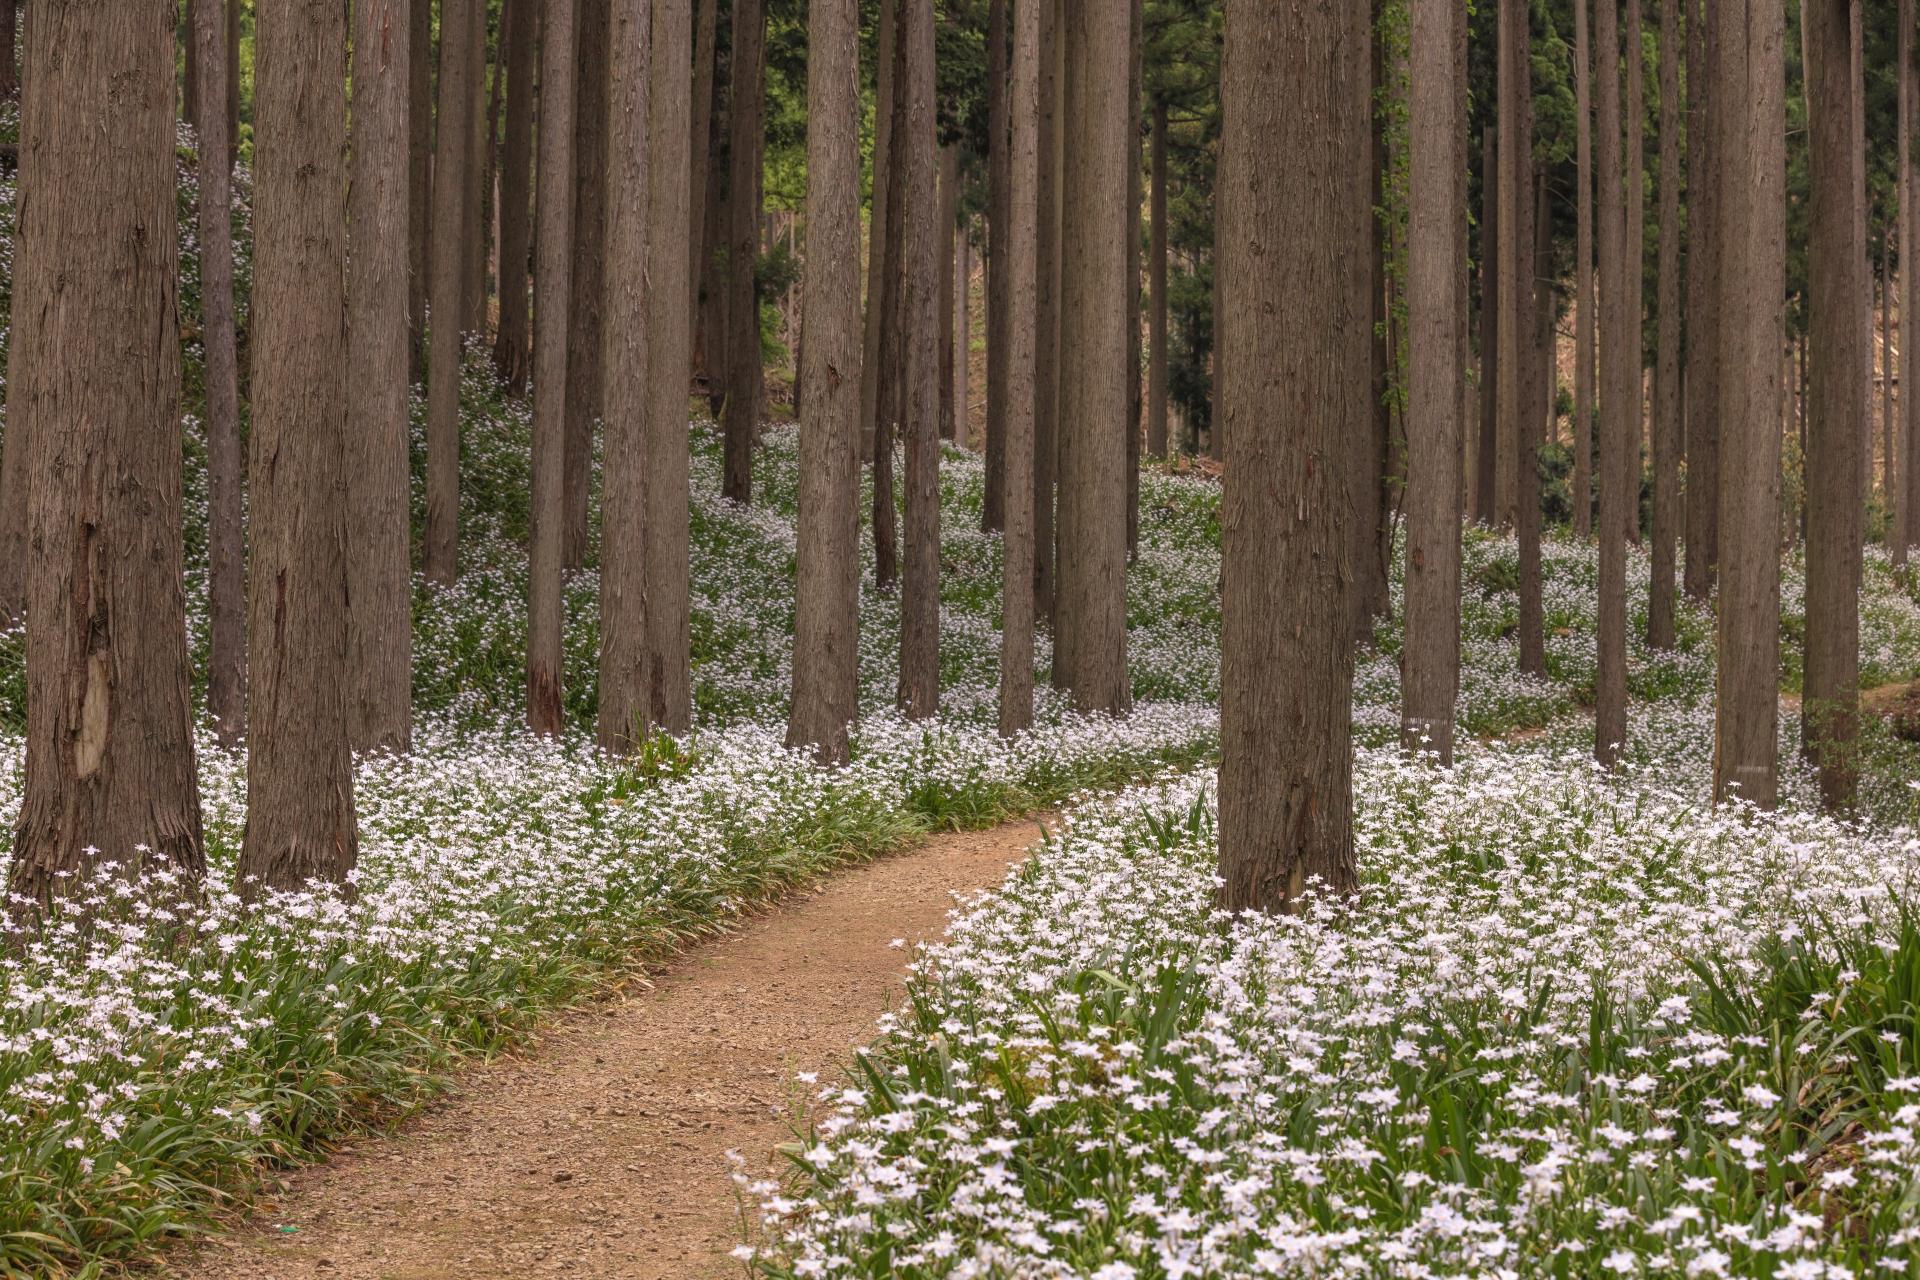 3866675_m 京都府 綾部シャガの群生地(森の中に現れる神秘的なシャガの群生景色! 写真の紹介、アクセス情報など)